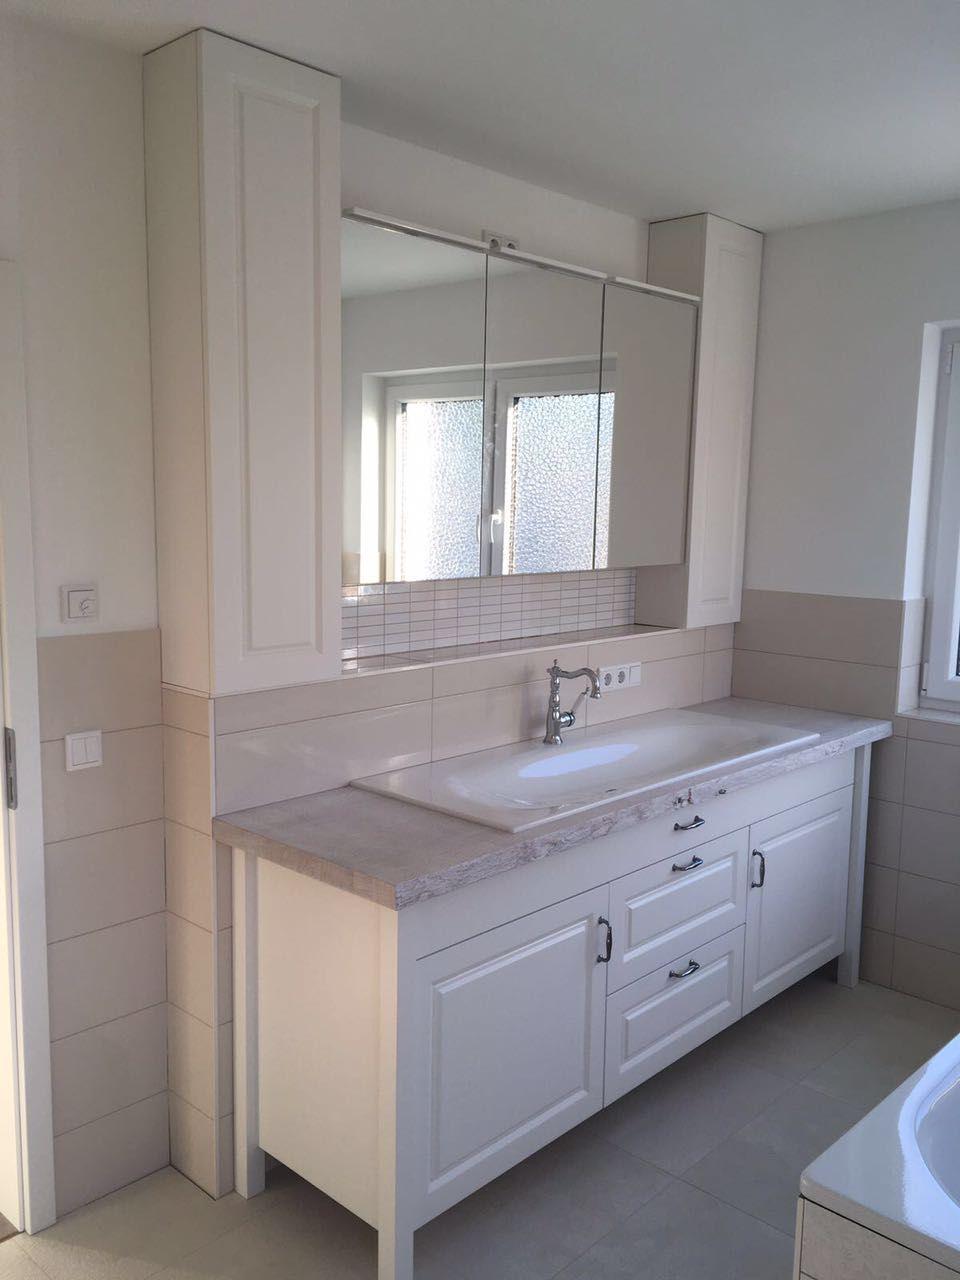 Massive Badmöbel.Das Neue Badezimmer Landhaus Und Der Waschtisch Dazu Heißt